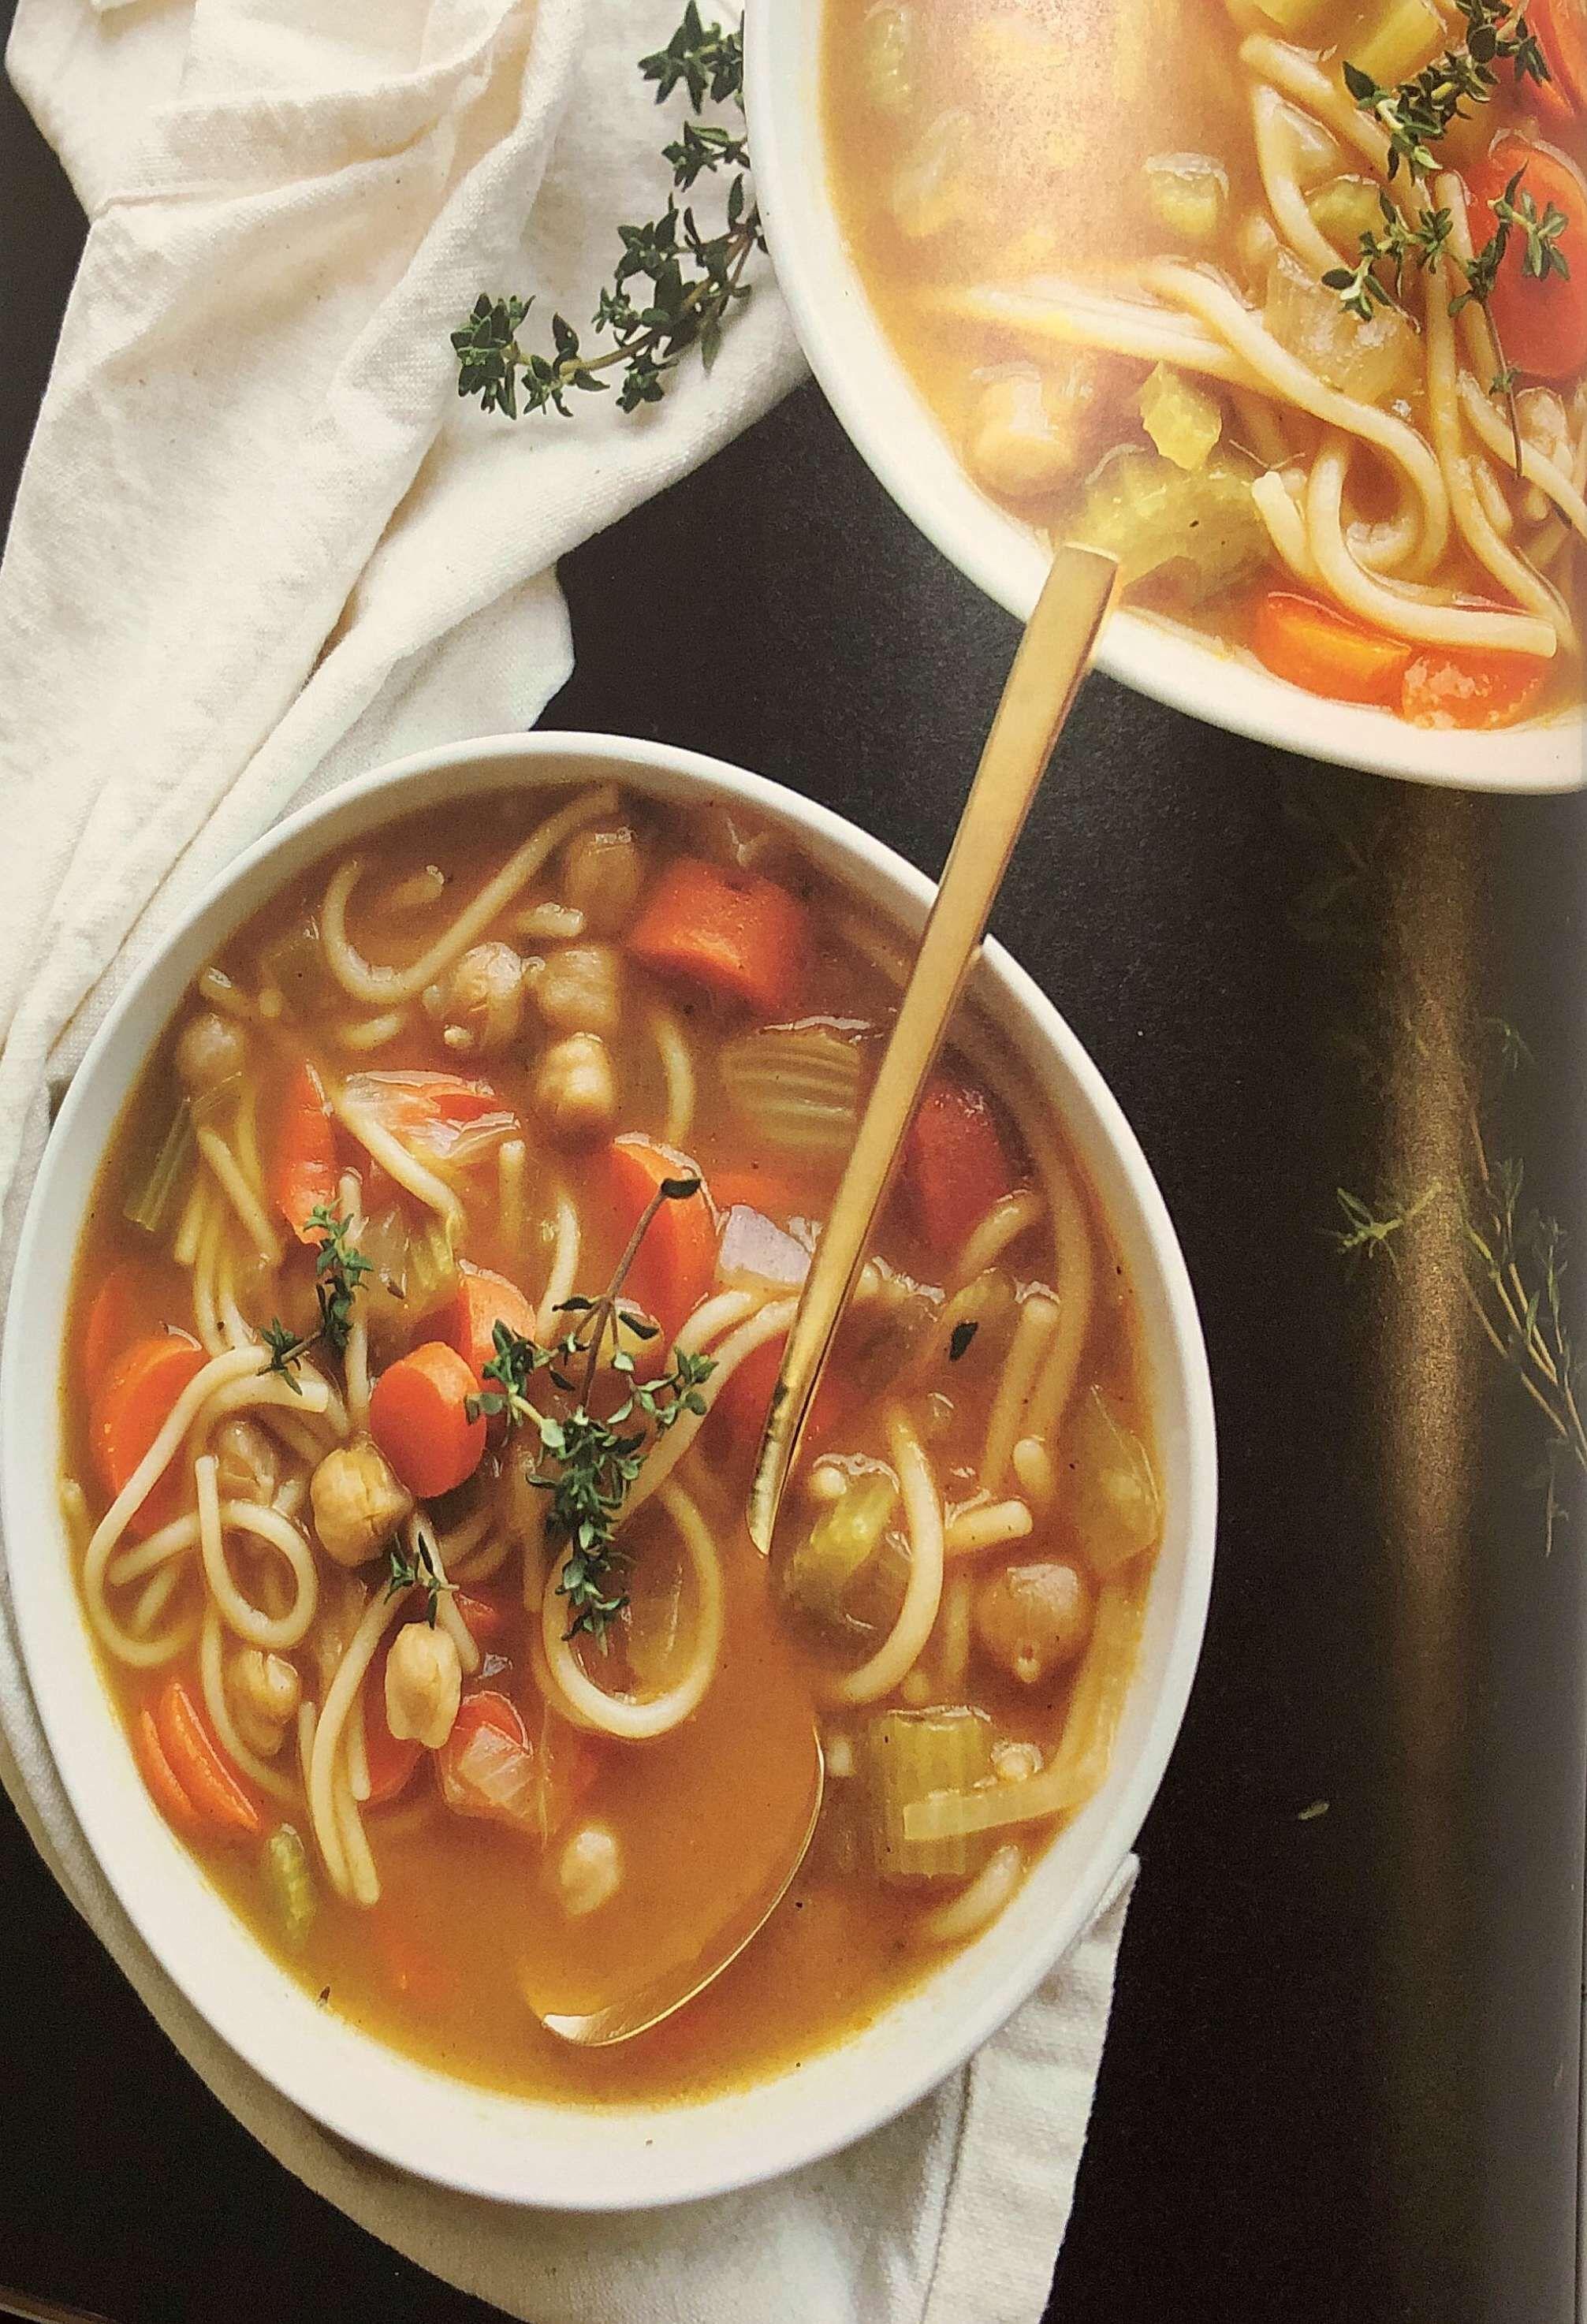 1-Pot Chickpea Noodle Soup Pic #chickpeanoodlesoup 1-Pot Chickpea Noodle Soup Pic #chickpeanoodlesoup 1-Pot Chickpea Noodle Soup Pic #chickpeanoodlesoup 1-Pot Chickpea Noodle Soup Pic #chickpeanoodlesoup 1-Pot Chickpea Noodle Soup Pic #chickpeanoodlesoup 1-Pot Chickpea Noodle Soup Pic #chickpeanoodlesoup 1-Pot Chickpea Noodle Soup Pic #chickpeanoodlesoup 1-Pot Chickpea Noodle Soup Pic #chickpeanoodlesoup 1-Pot Chickpea Noodle Soup Pic #chickpeanoodlesoup 1-Pot Chickpea Noodle Soup Pic #chickpean #chickpeanoodlesoup